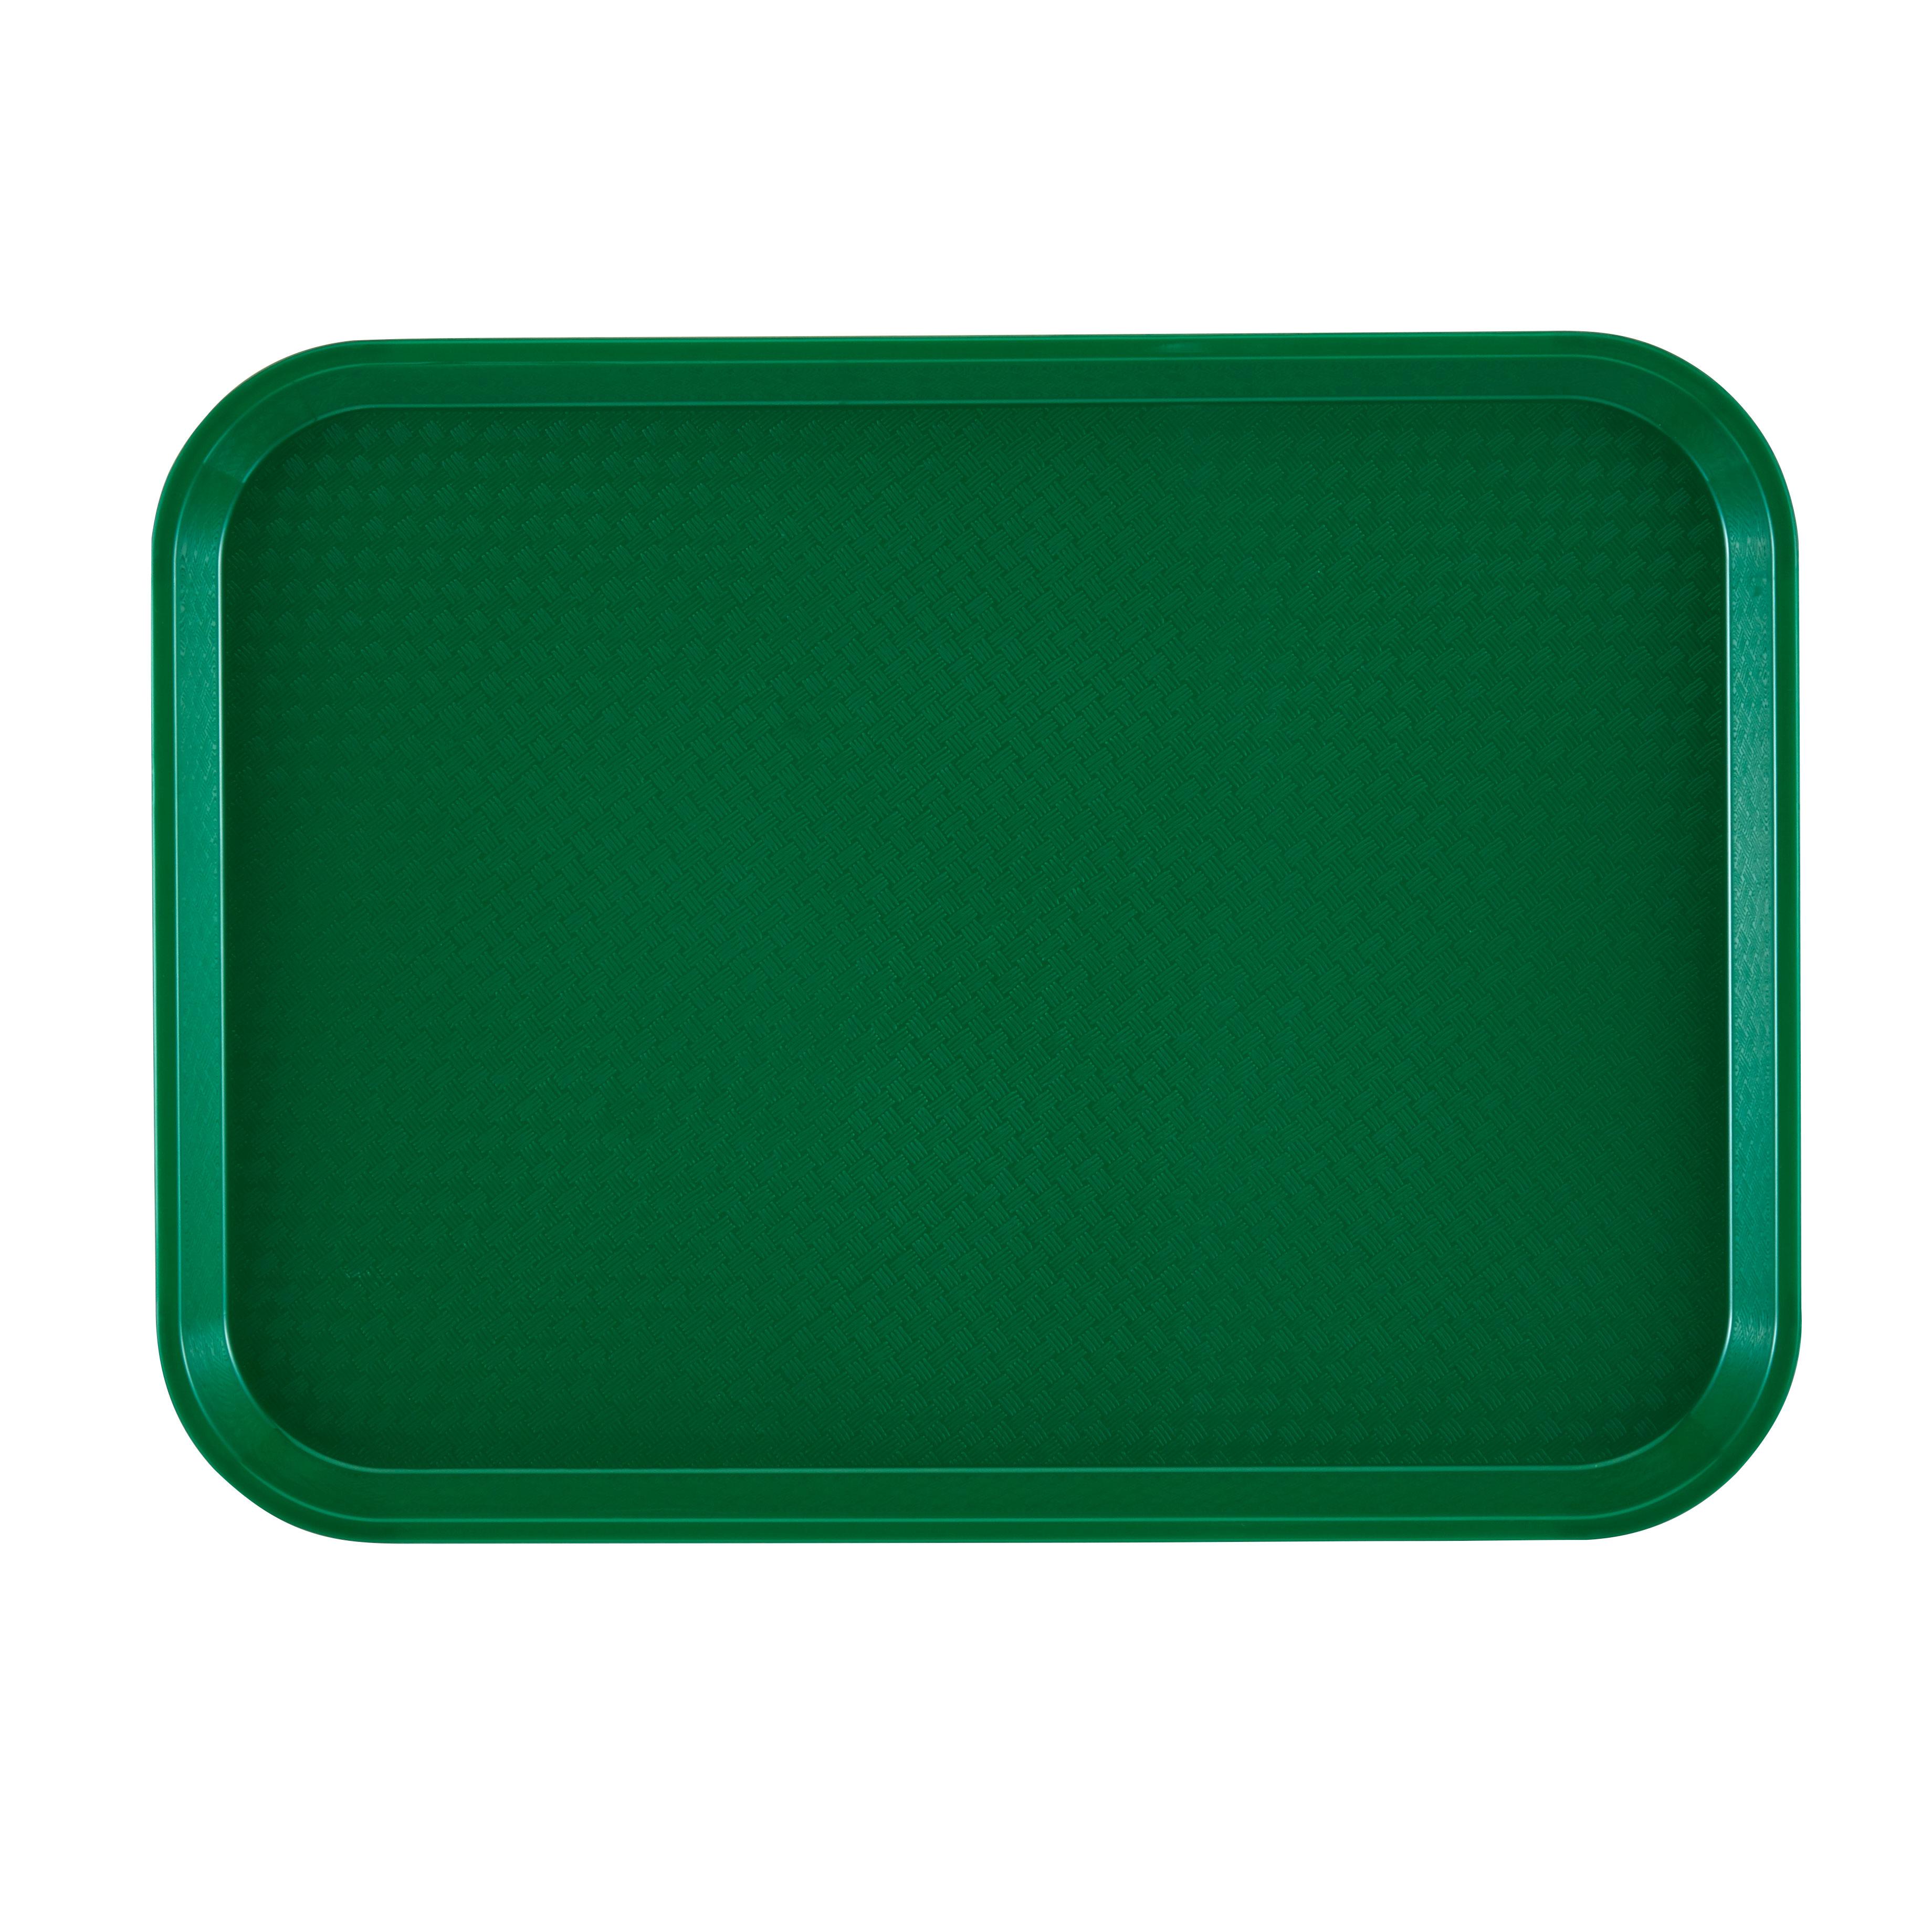 Cambro 1014119 cafeteria tray